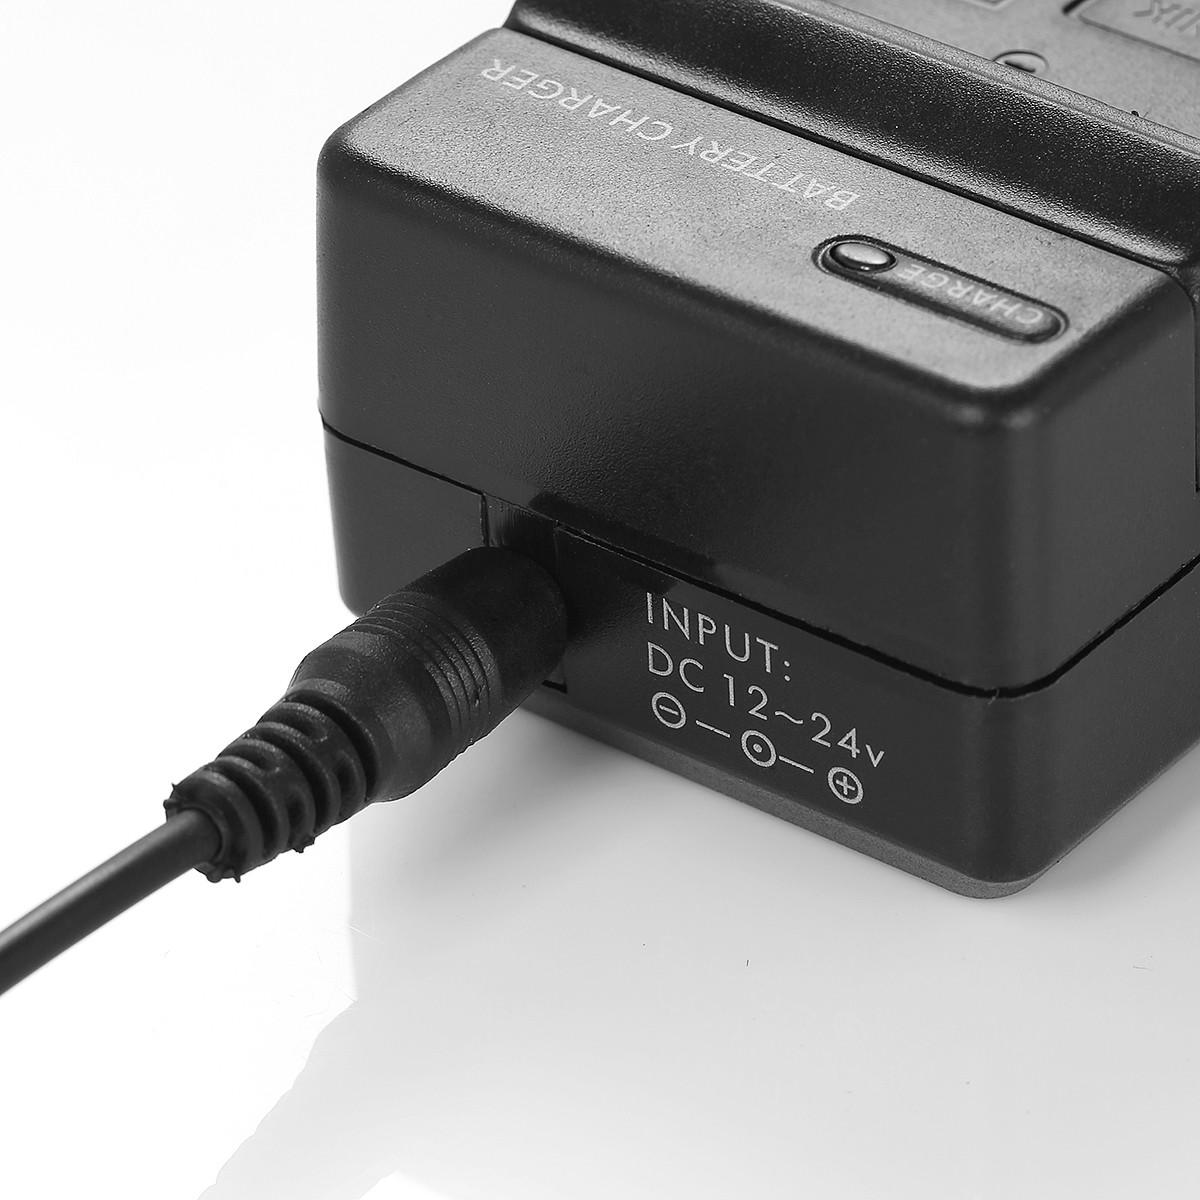 En El9 En El9a Battery Charger Enel9a For Nikon D40x D40